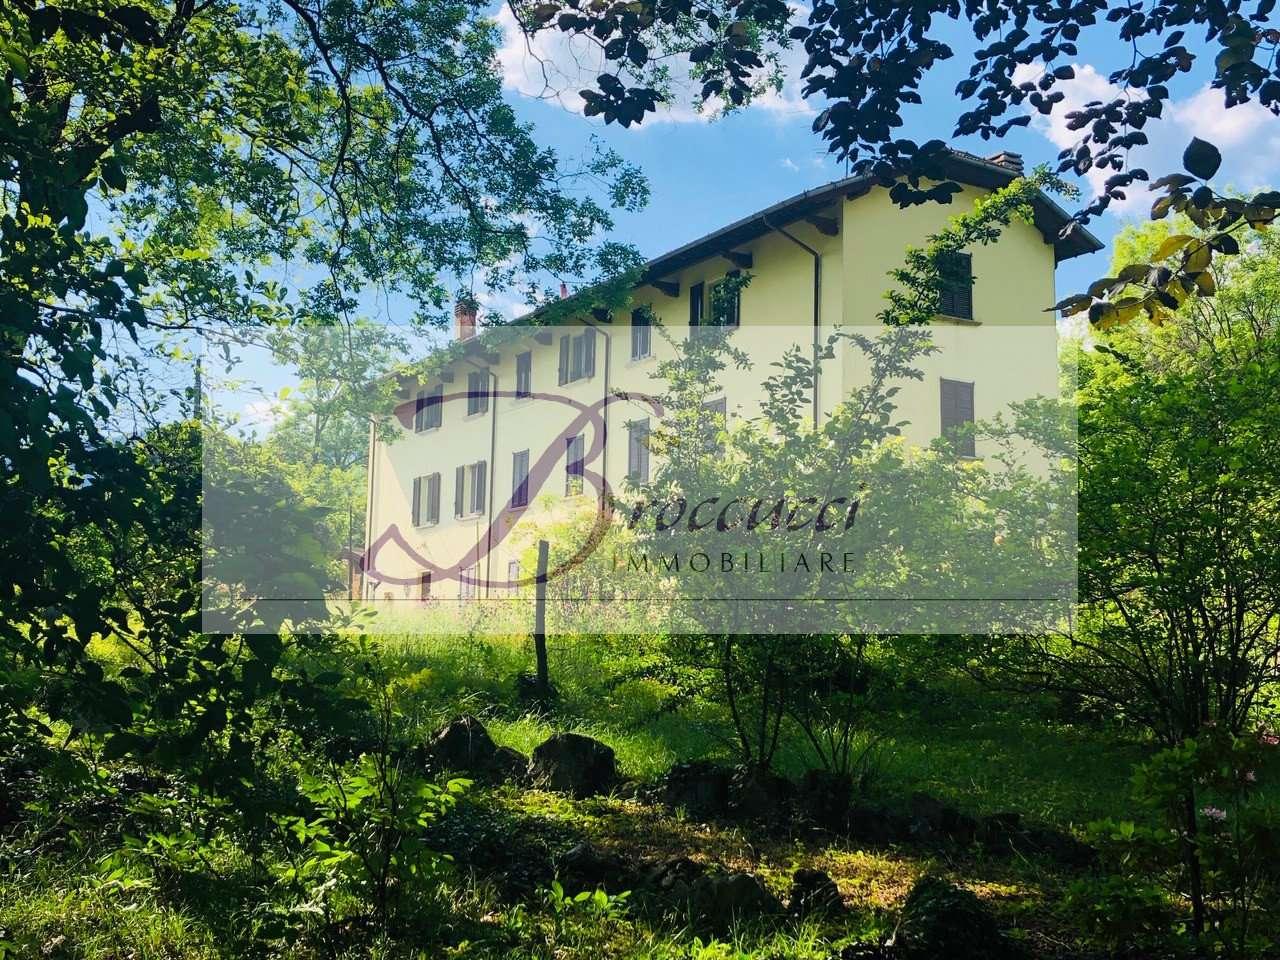 Villa in vendita a Viggiù, 6 locali, prezzo € 395.000 | PortaleAgenzieImmobiliari.it